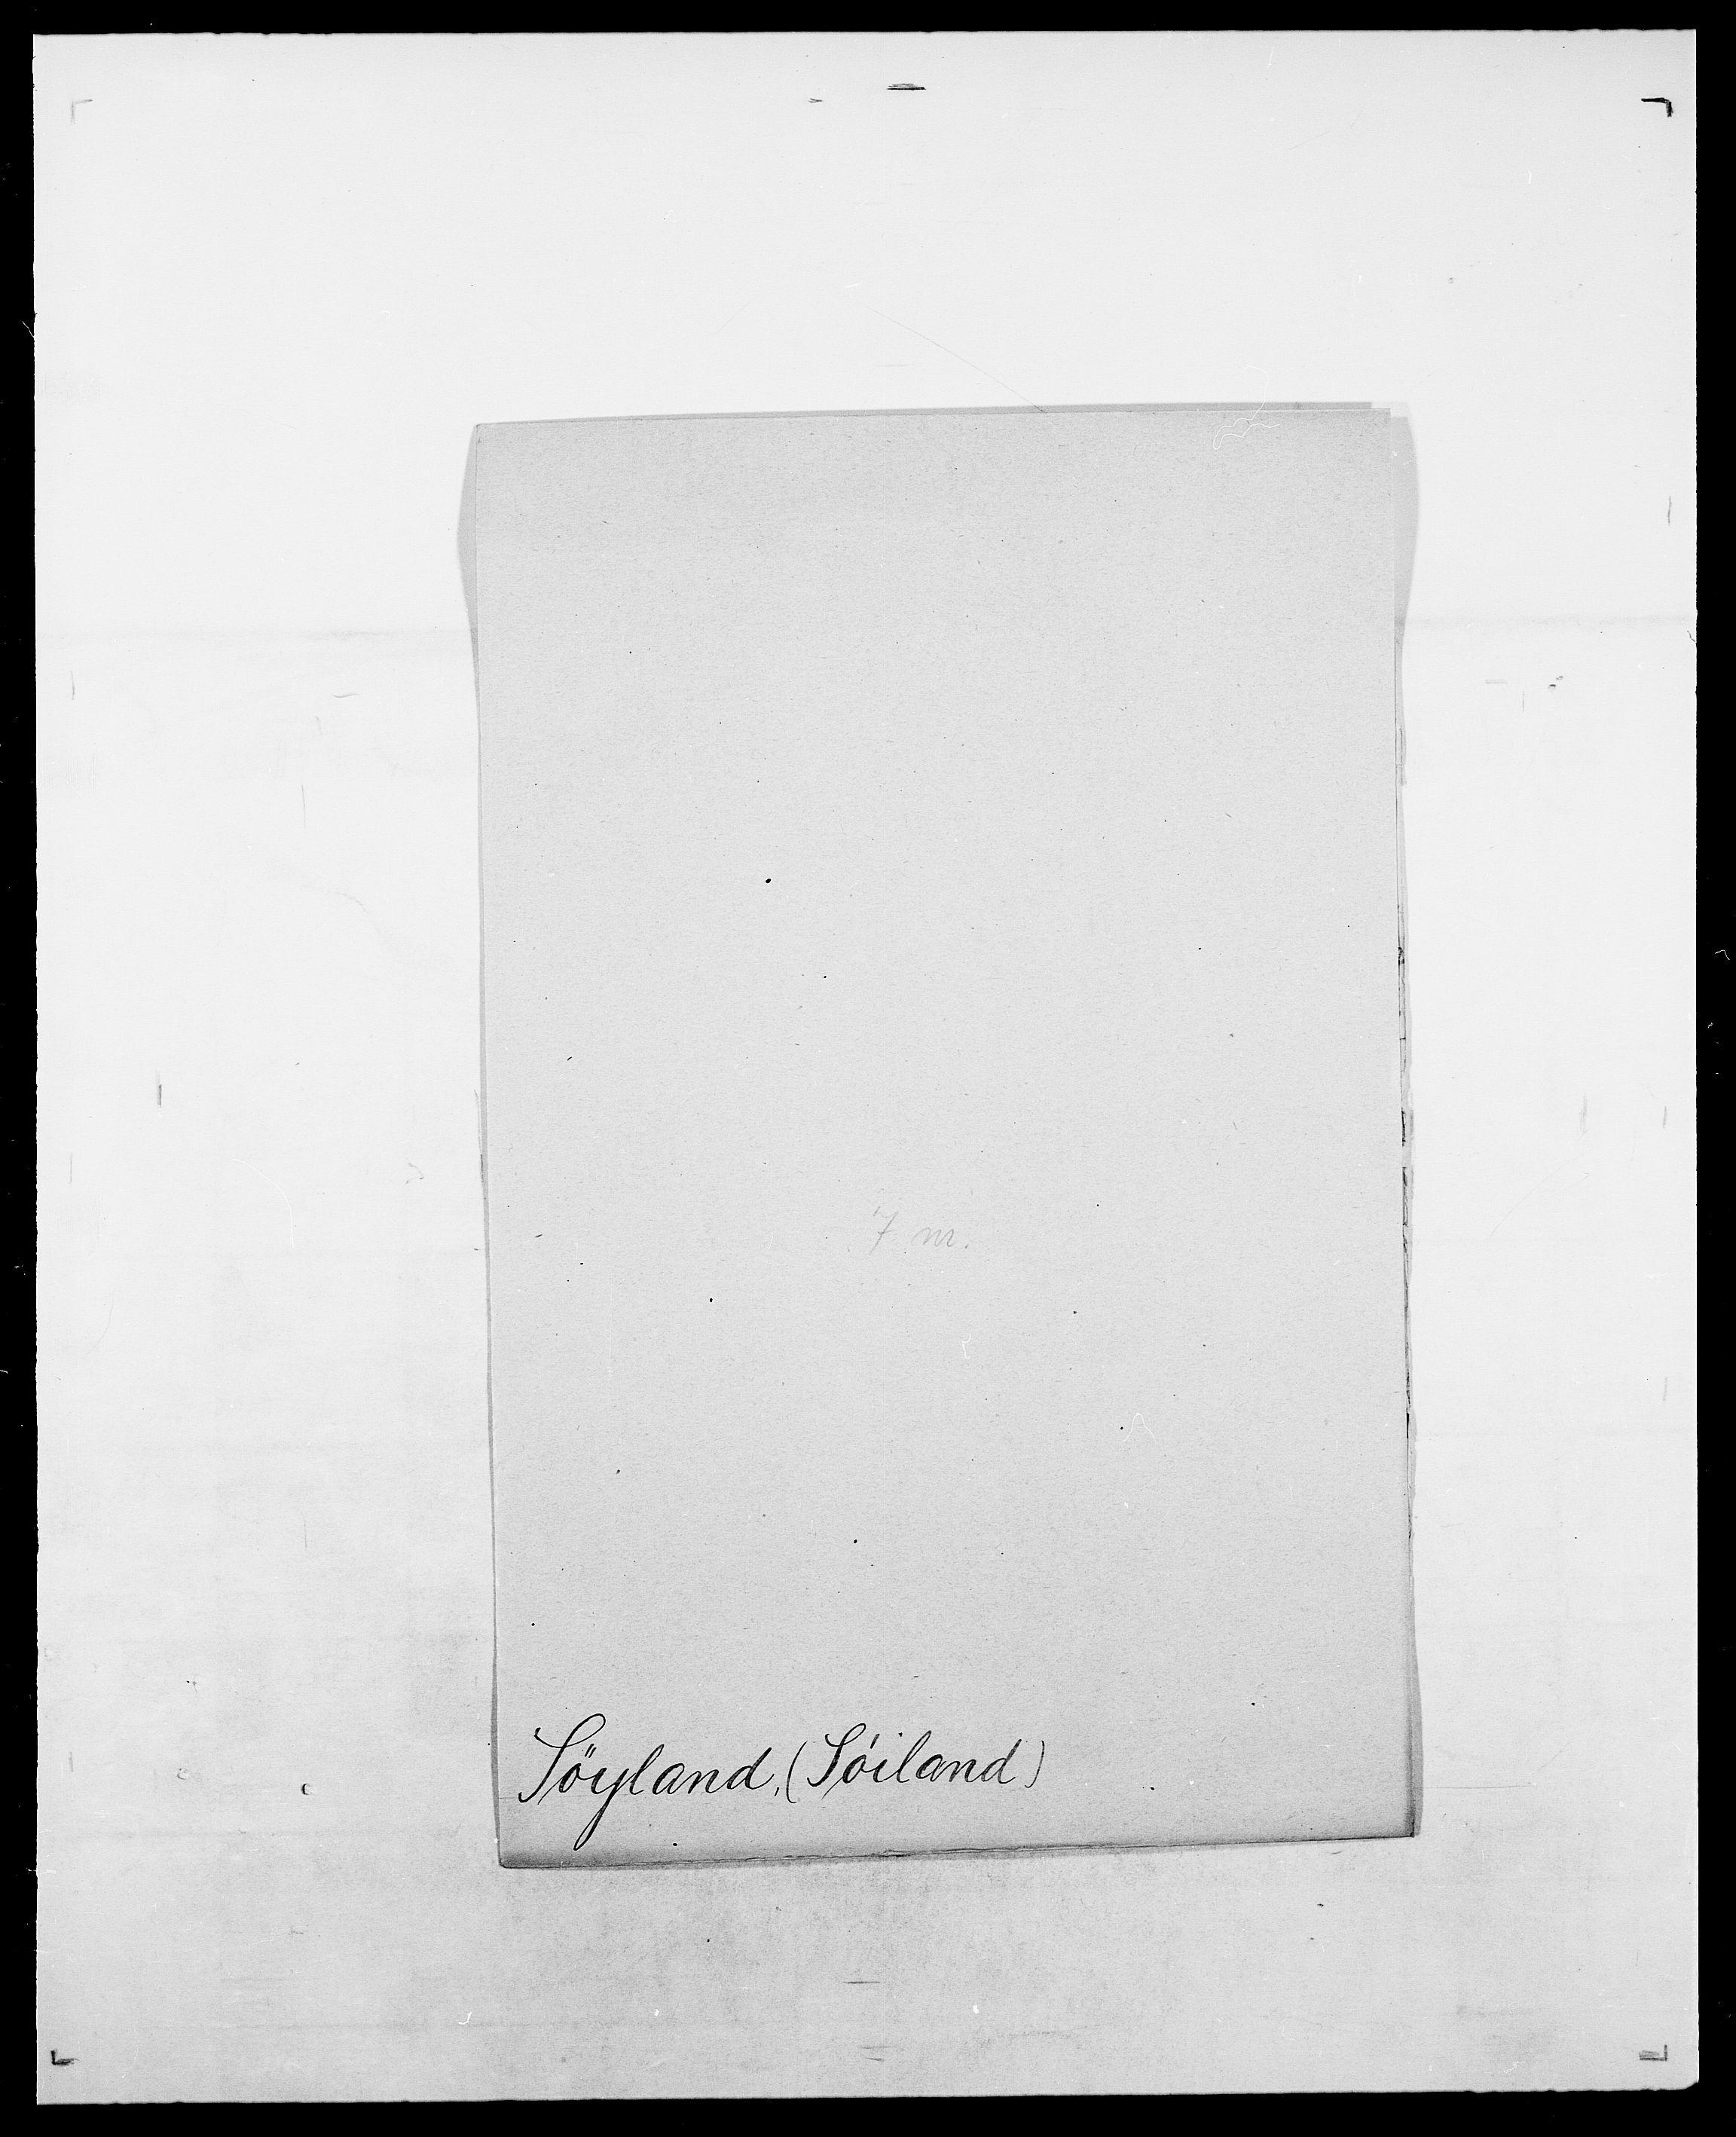 SAO, Delgobe, Charles Antoine - samling, D/Da/L0038: Svanenskjold - Thornsohn, s. 249